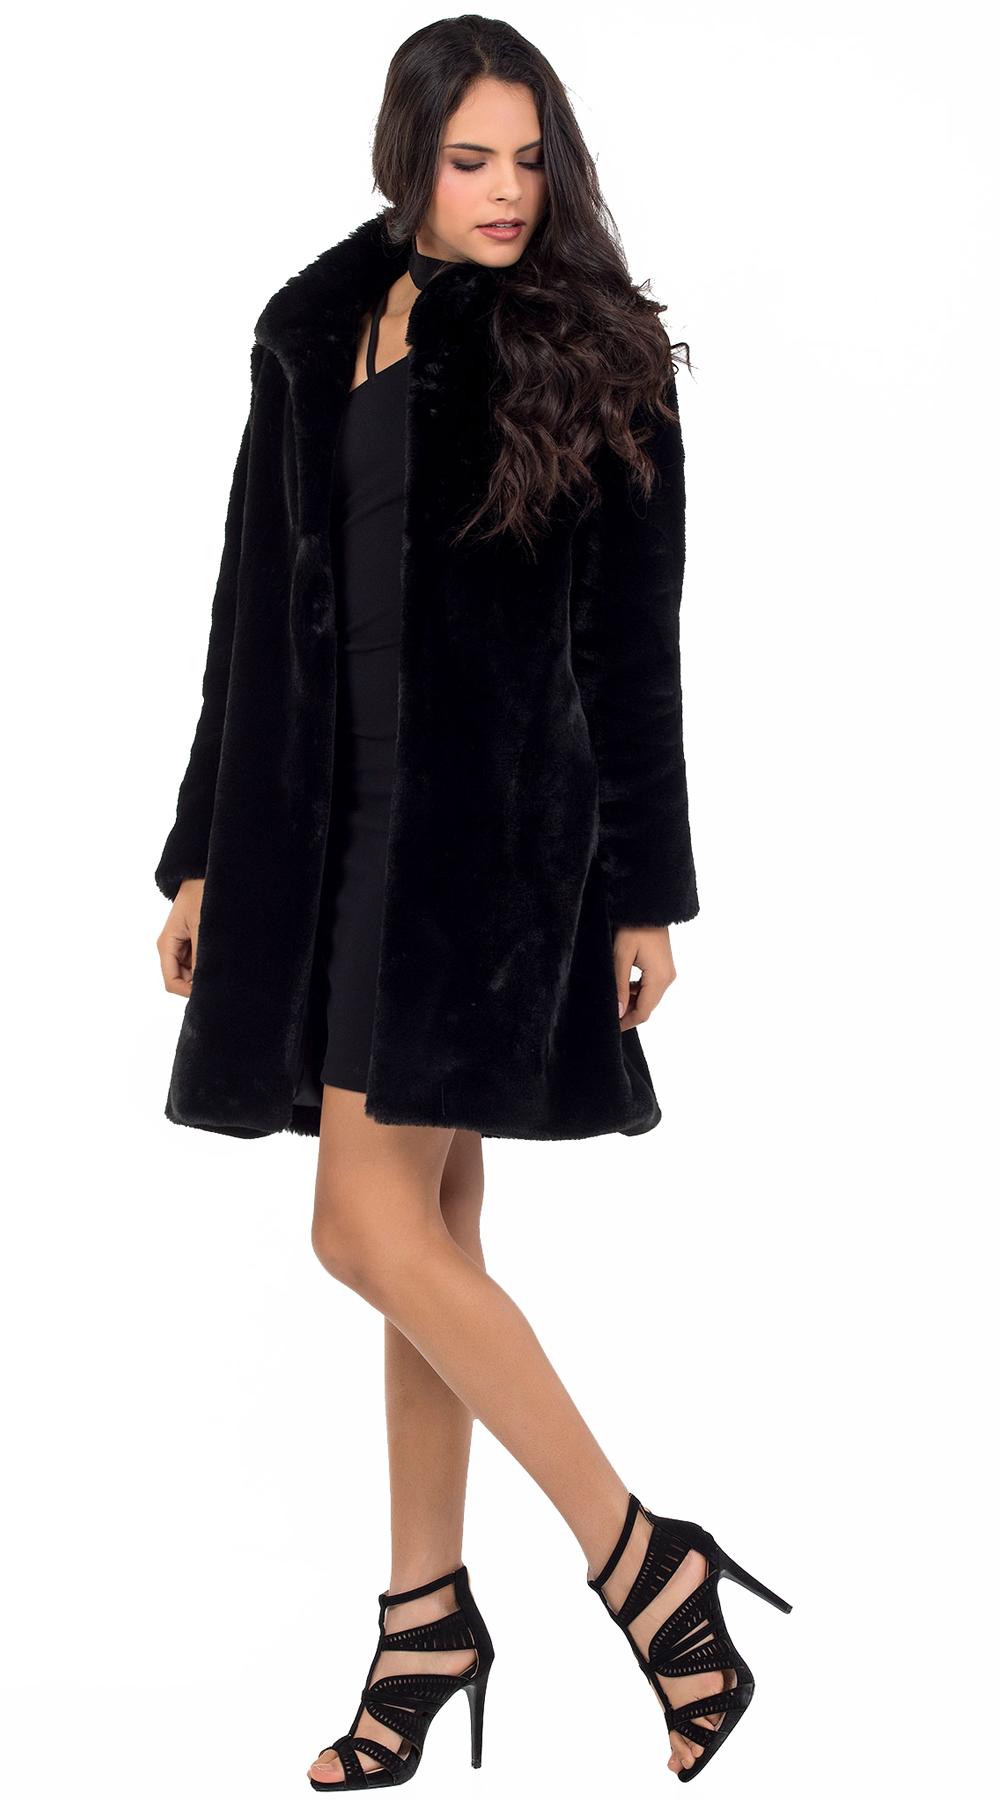 Γυναικείο γούνινο πανωφόρι Online - ONLINE - W18ON-47006